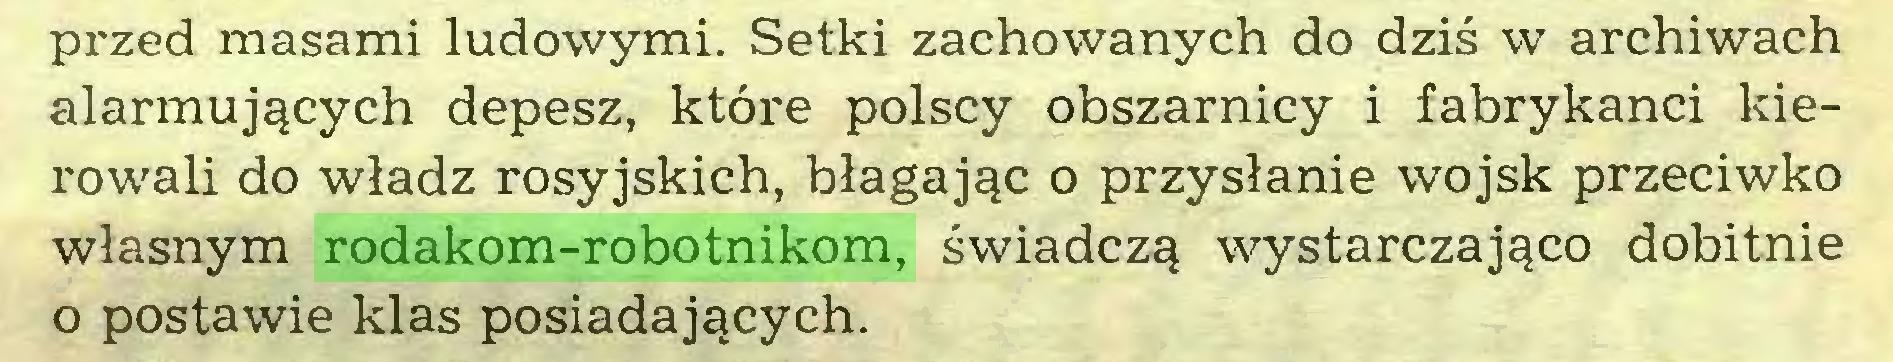 (...) przed masami ludowymi. Setki zachowanych do dziś w archiwach alarmujących depesz, które polscy obszarnicy i fabrykanci kierowali do władz rosyjskich, błagając o przysłanie wojsk przeciwko własnym rodakom-robotnikom, świadczą wystarczająco dobitnie o postawie klas posiadających...